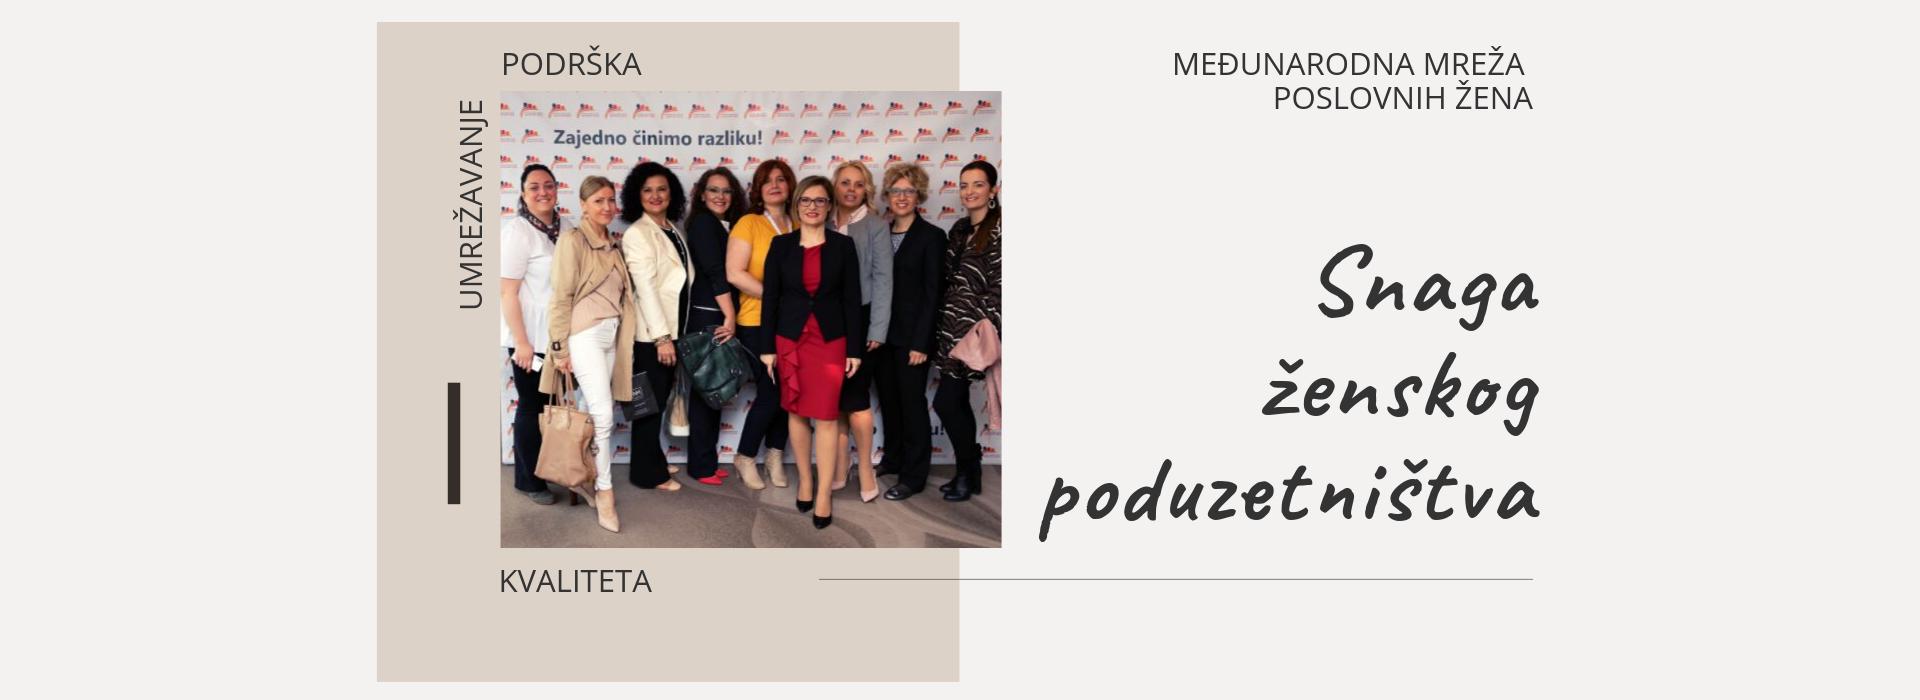 PREDSTAVLJAMO -Međunarodna mreža poslovnih žena